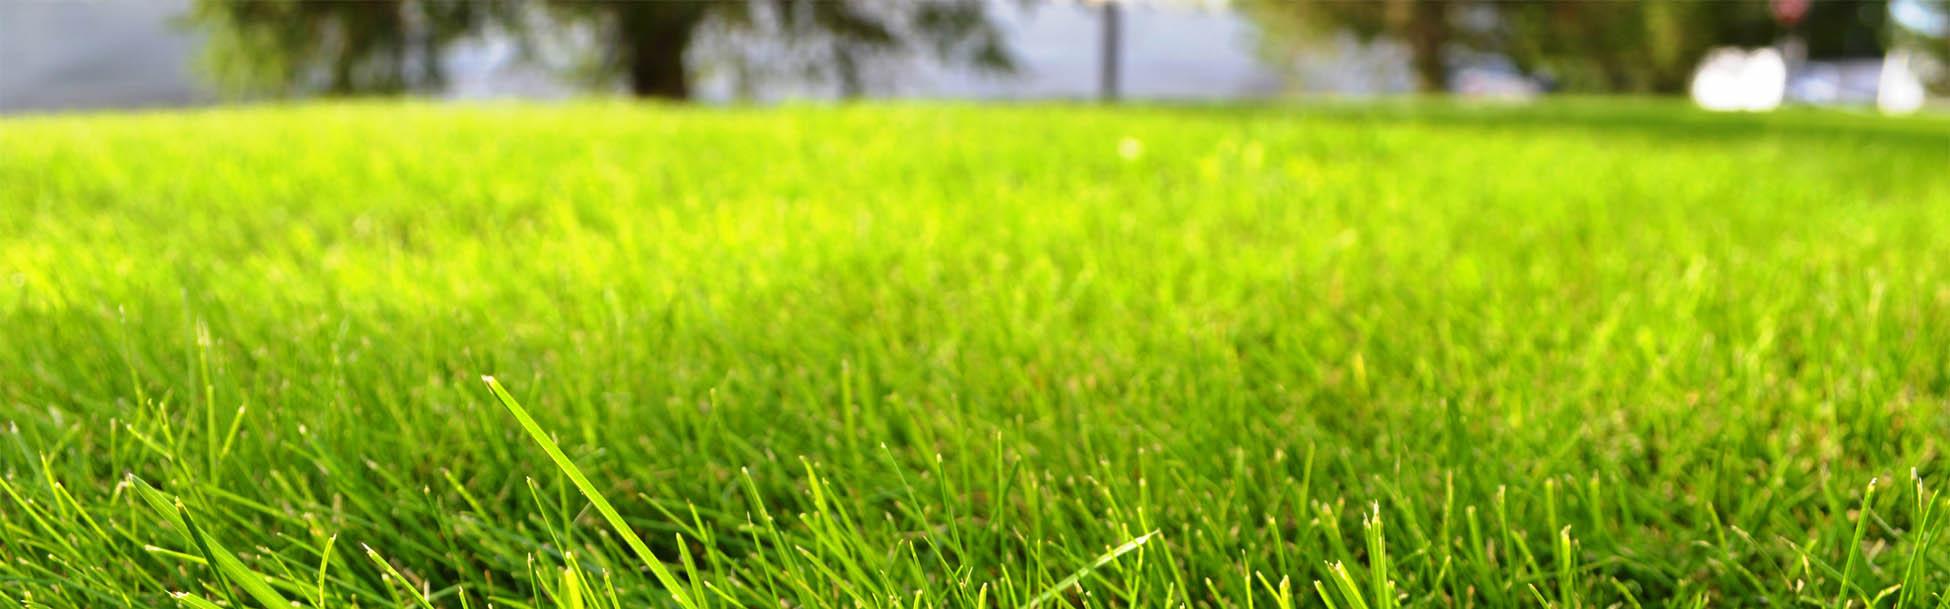 убранный газон